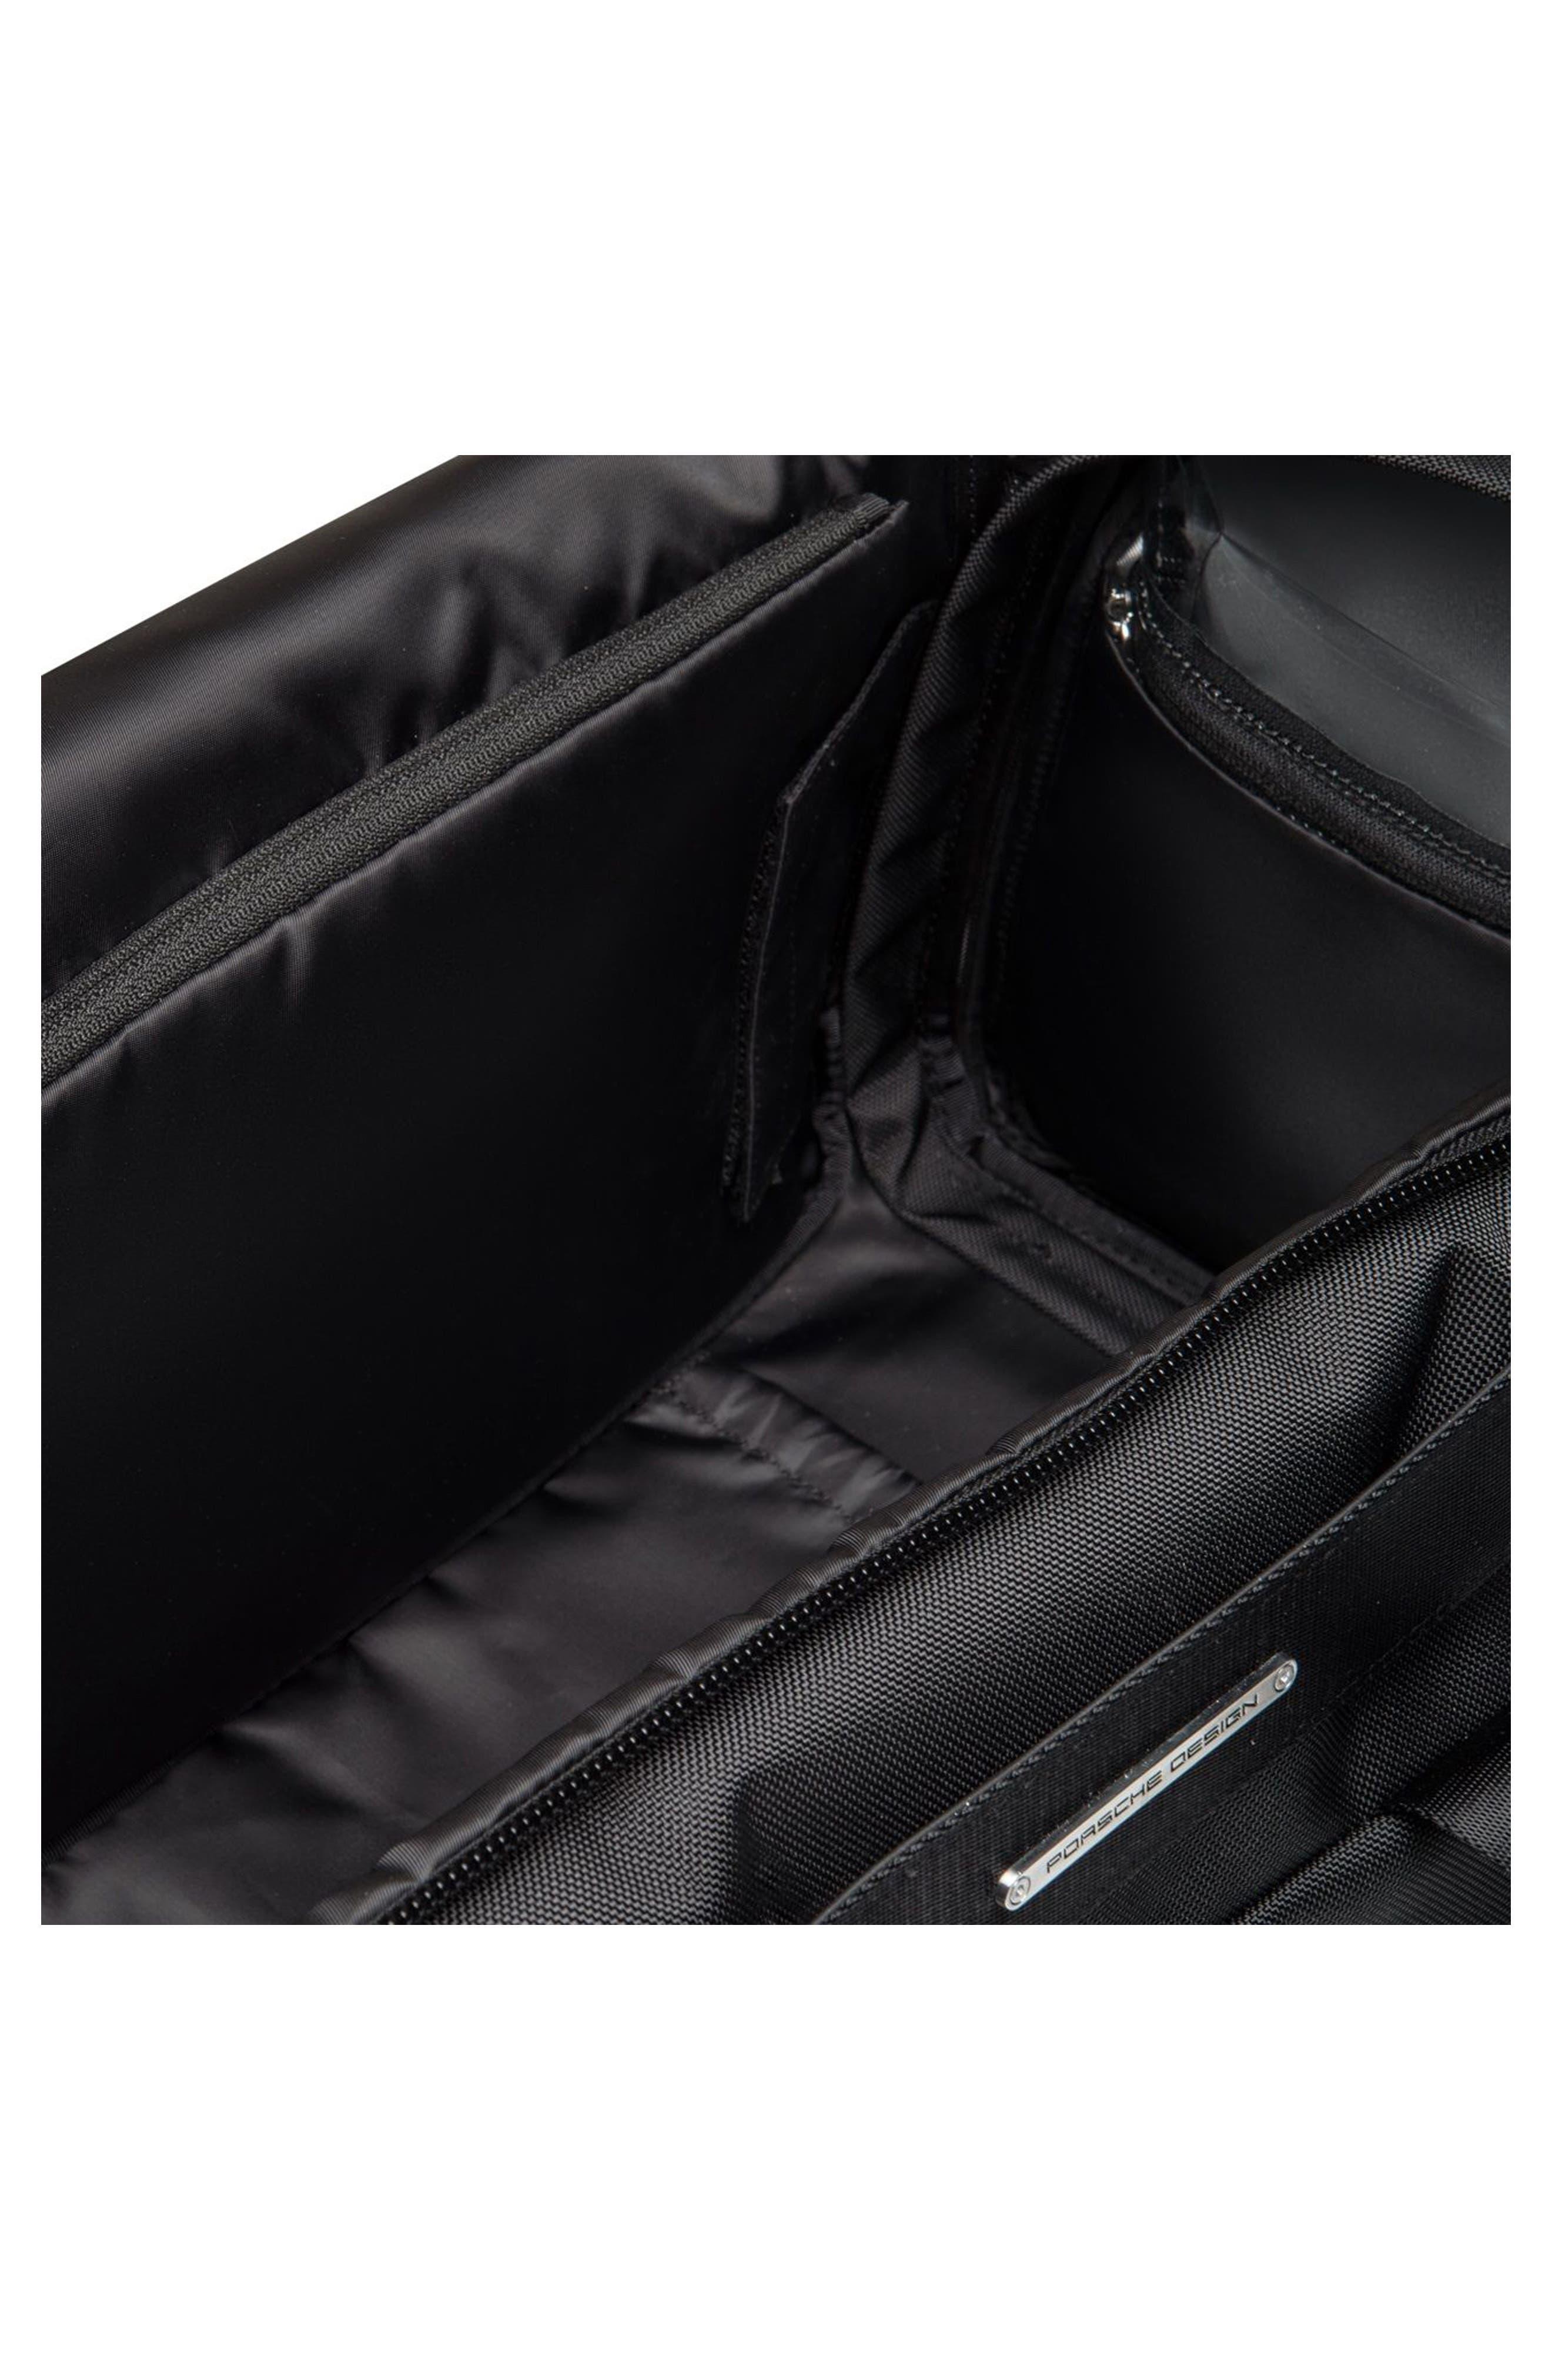 Roadster 3.0 Duffel Bag,                             Alternate thumbnail 3, color,                             001